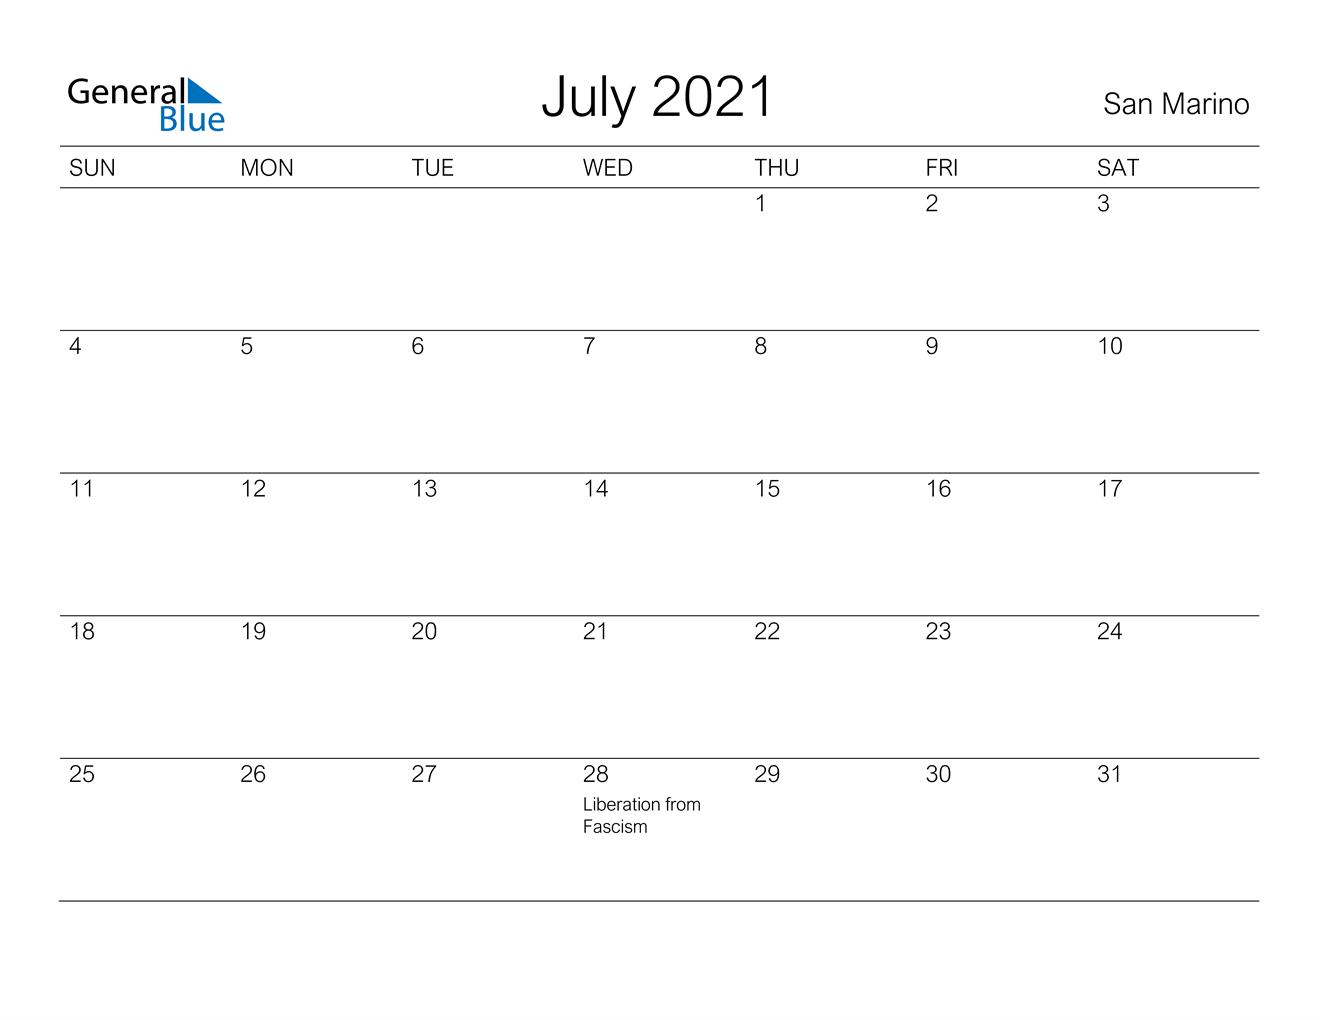 July 2021 Calendar - San Marino